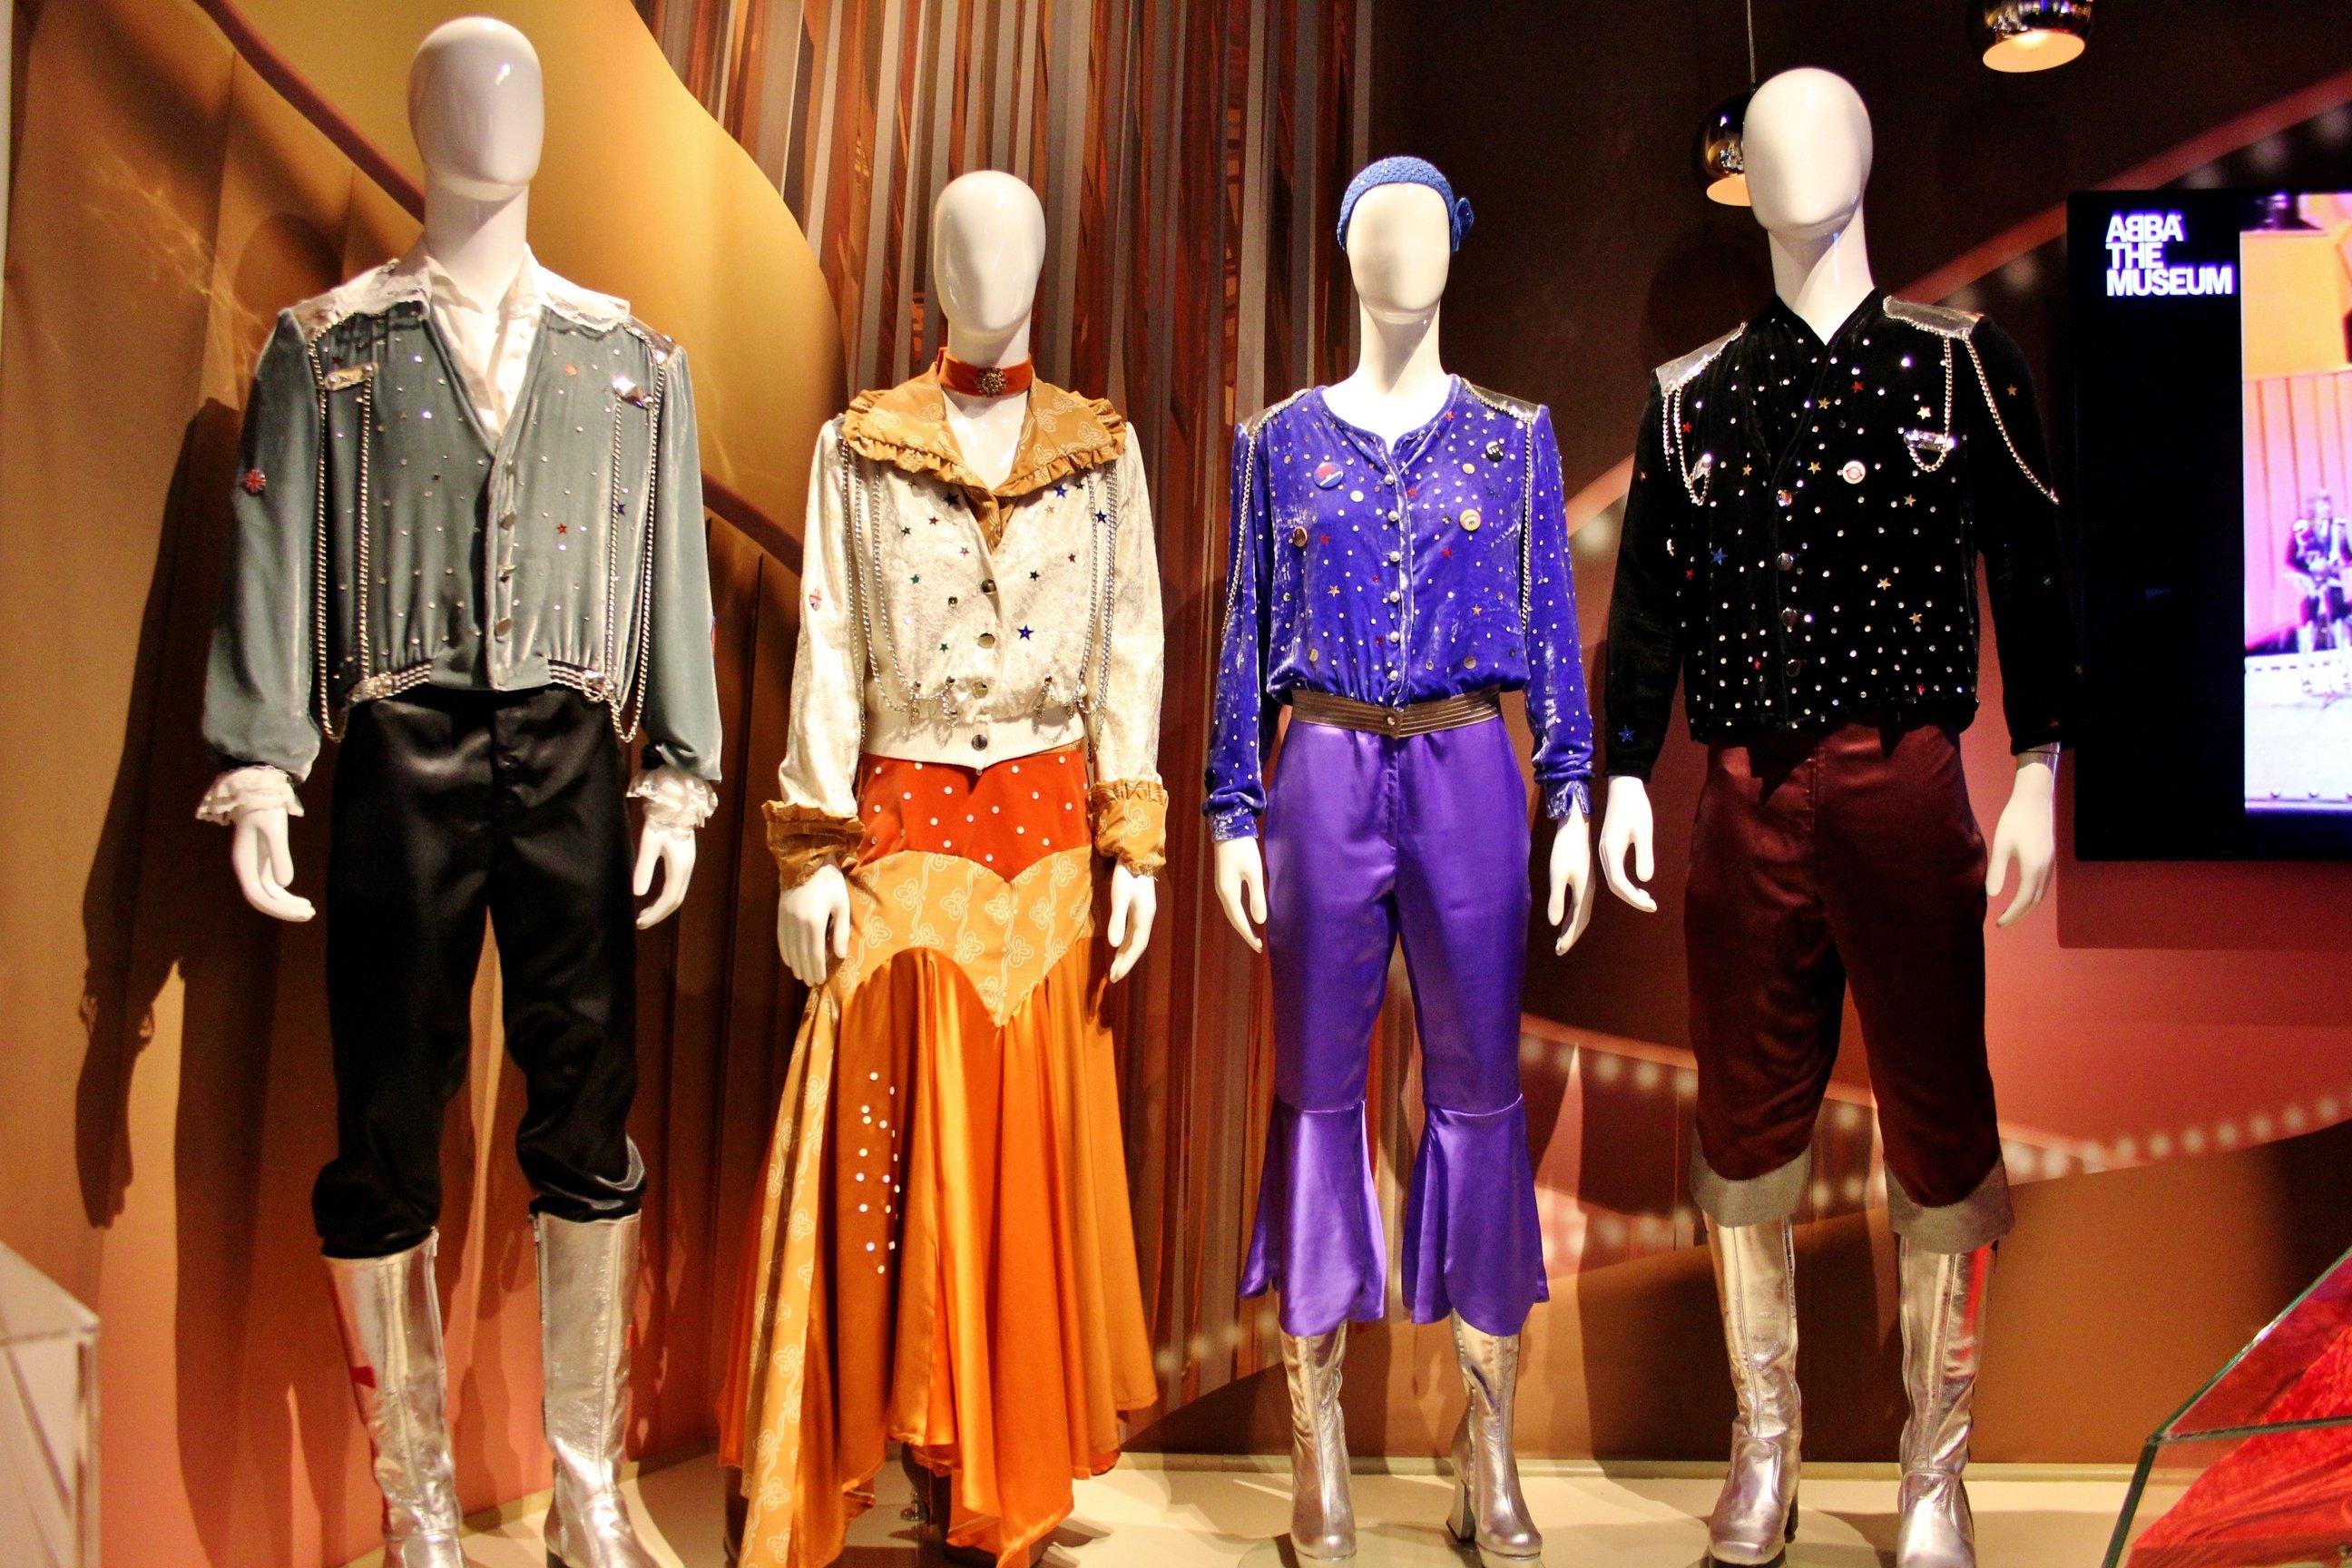 abba-costumes-museum.jpg